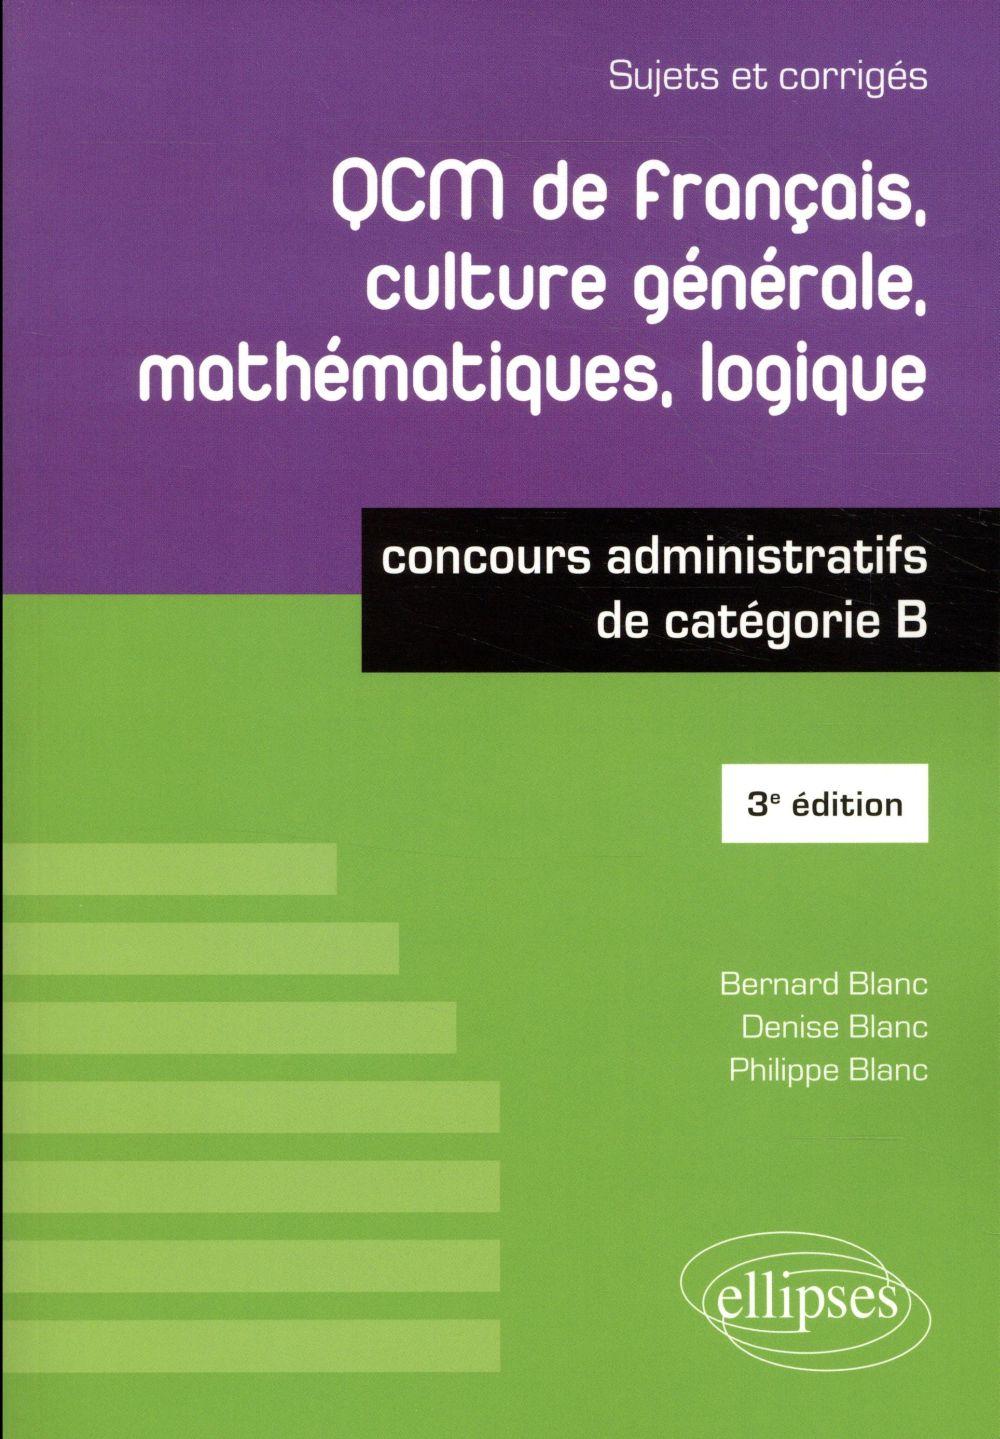 QCM DE FRANCAIS CULTURE GENERALE MATHEMATIQUES LOGIQUE CATEGORIE B 3EME EDITION